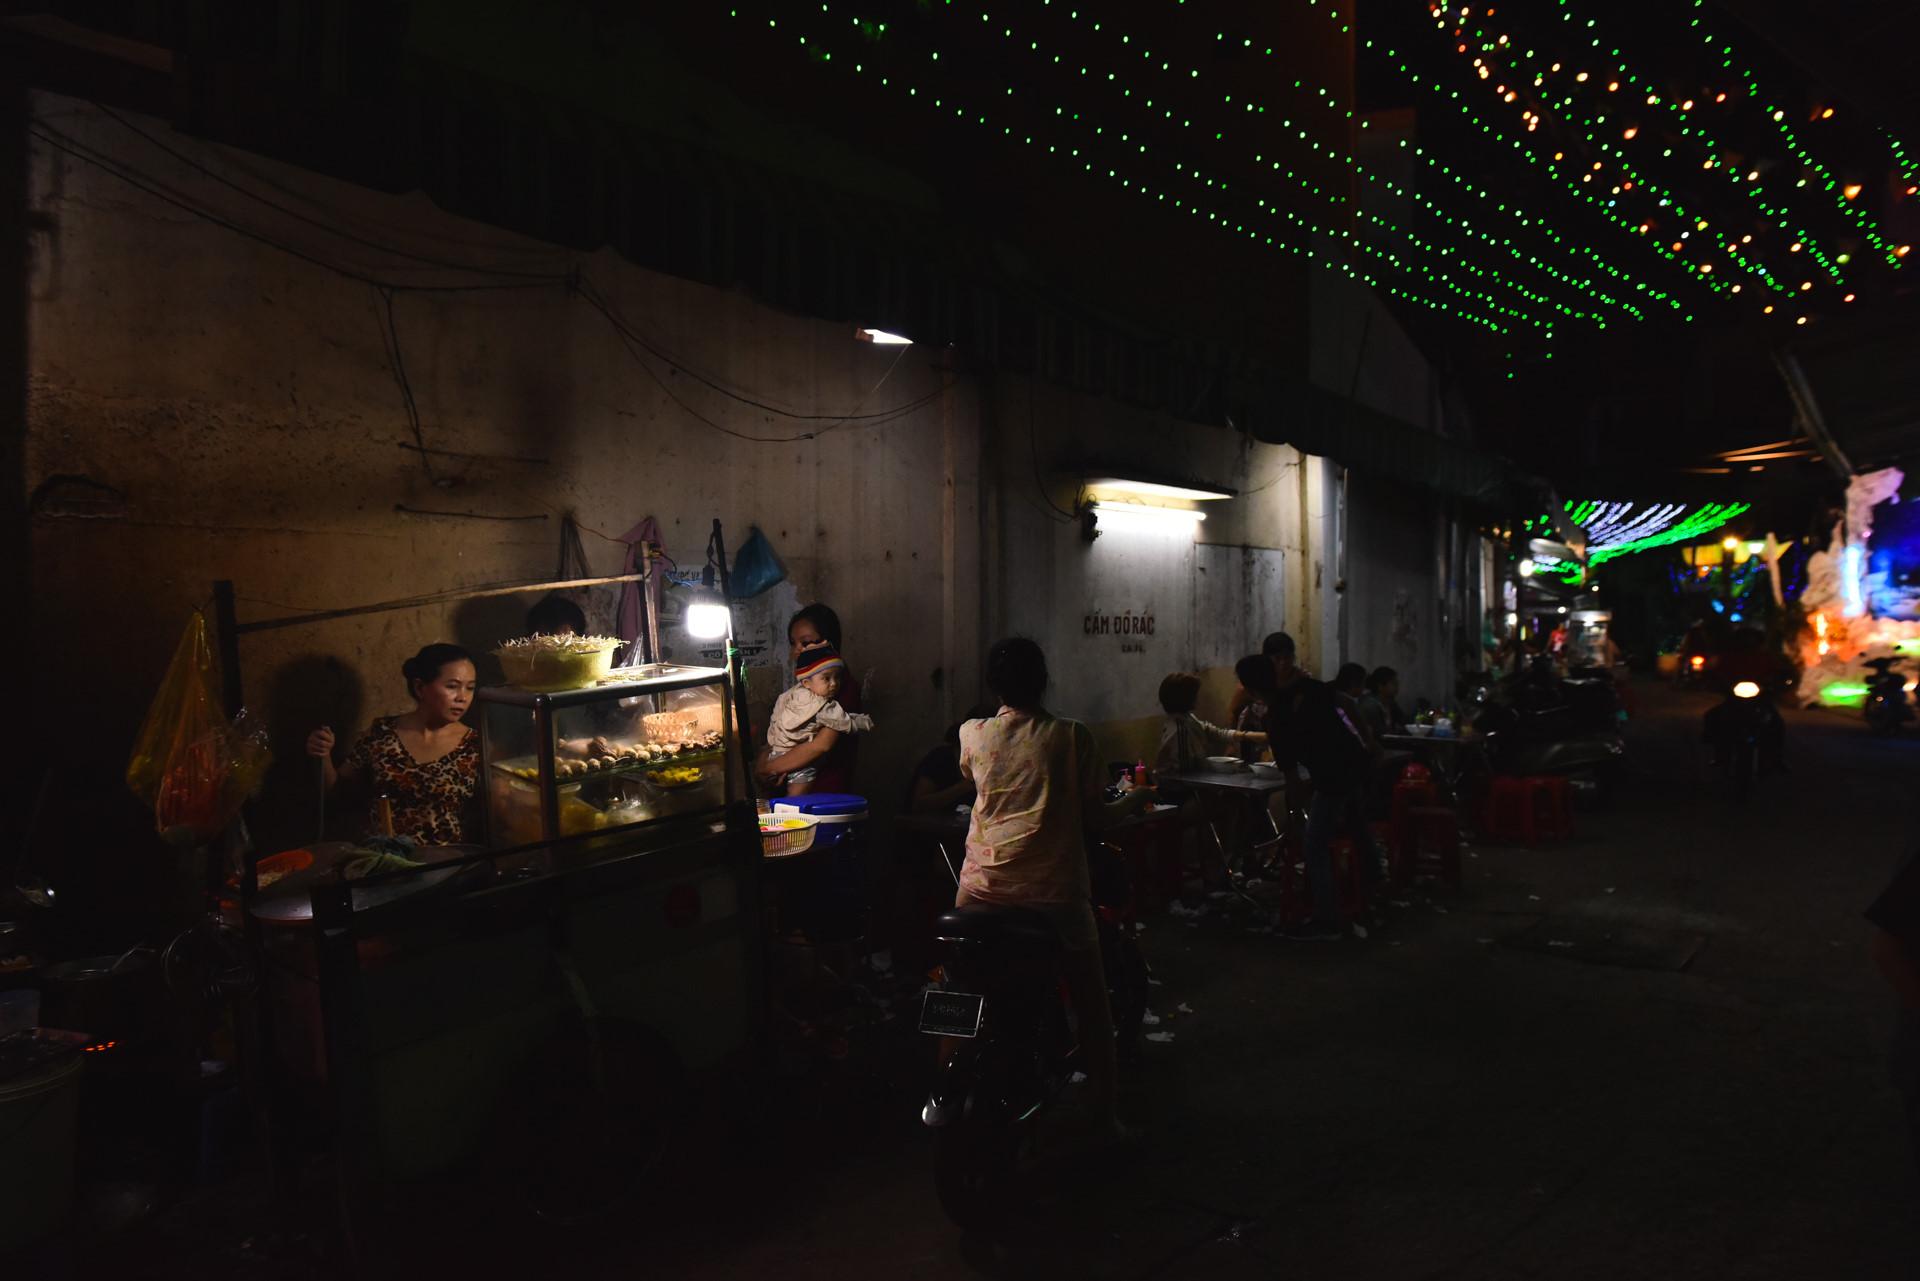 Có một giáng sinh lặng lẽ trong những con hẻm Sài Gòn Ảnh 7